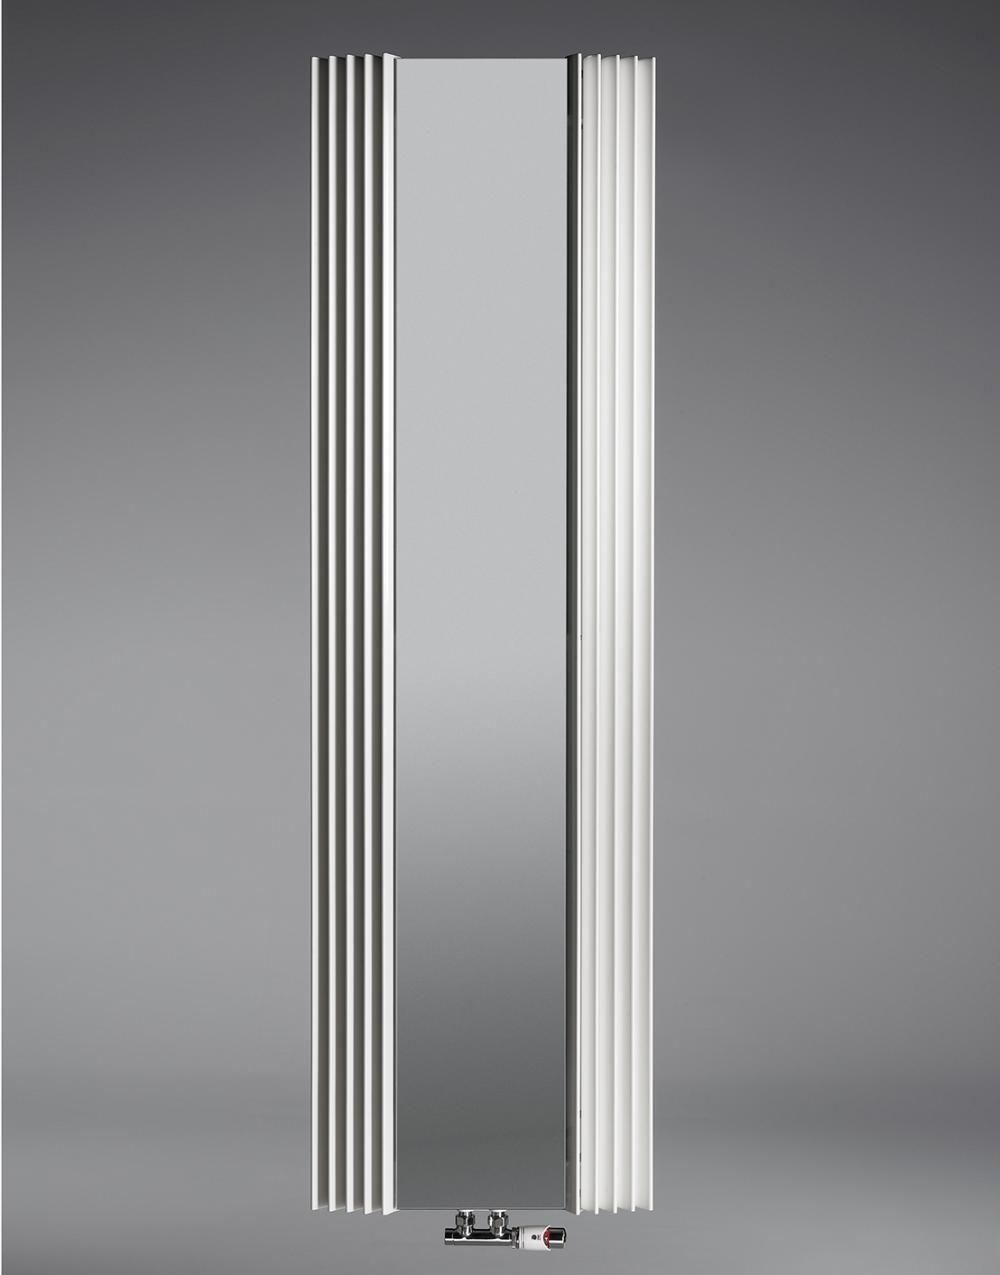 Calorifer cu oglinda Jaga Iguana Visio 2200x733 mm, 1404 W